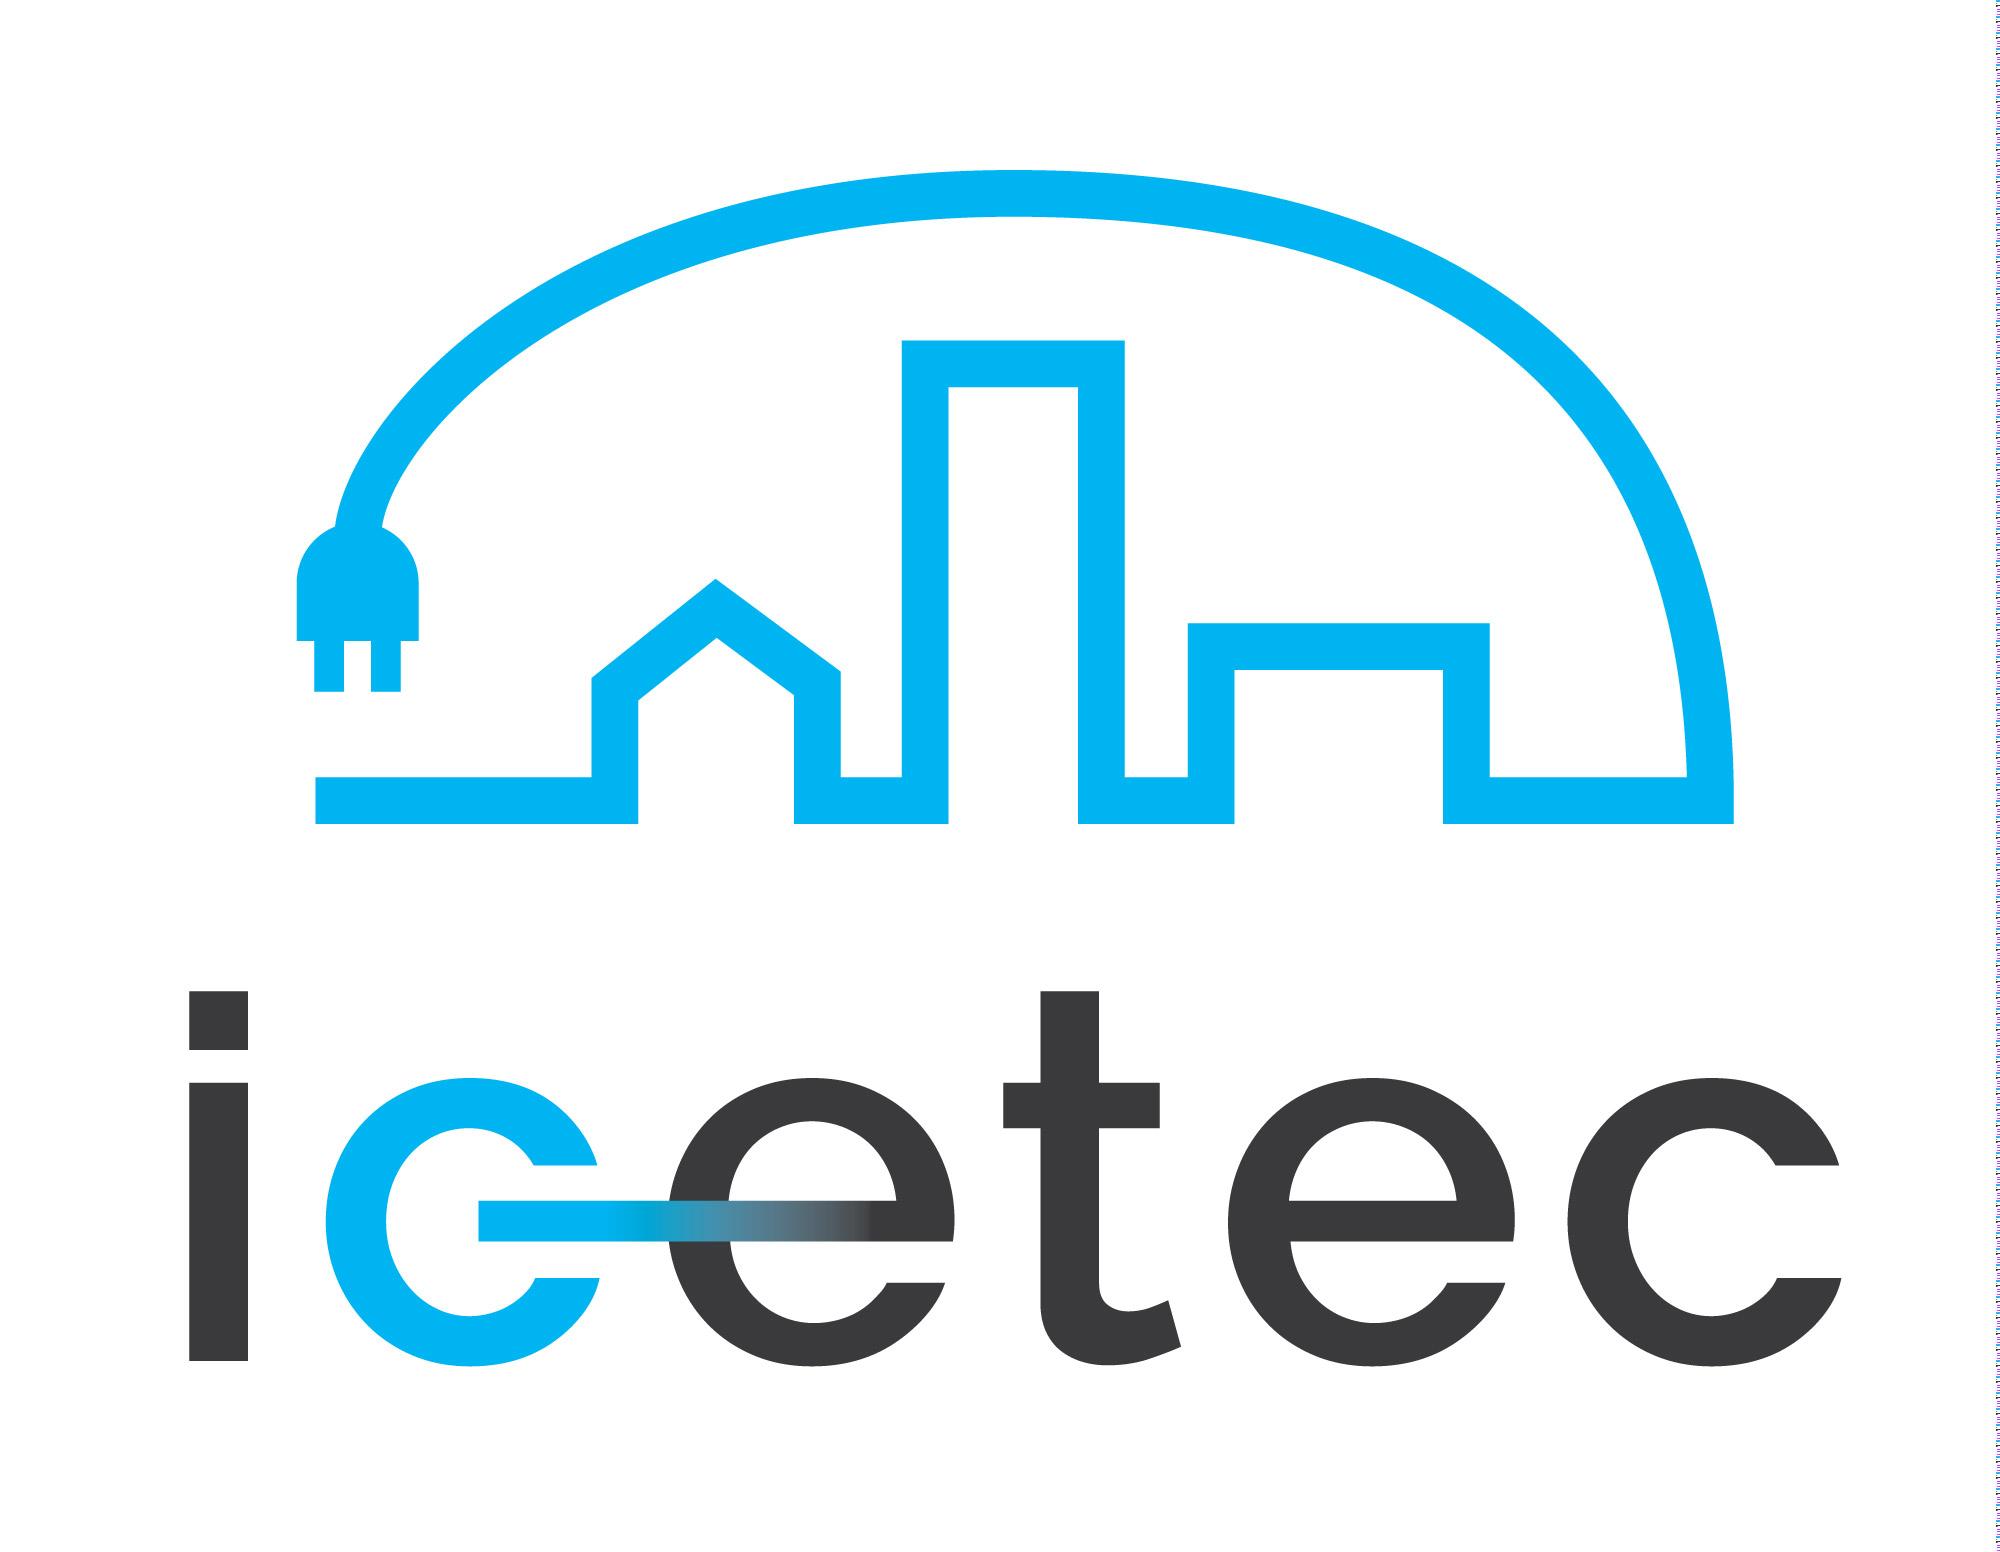 ICETEC logo 9.9.15